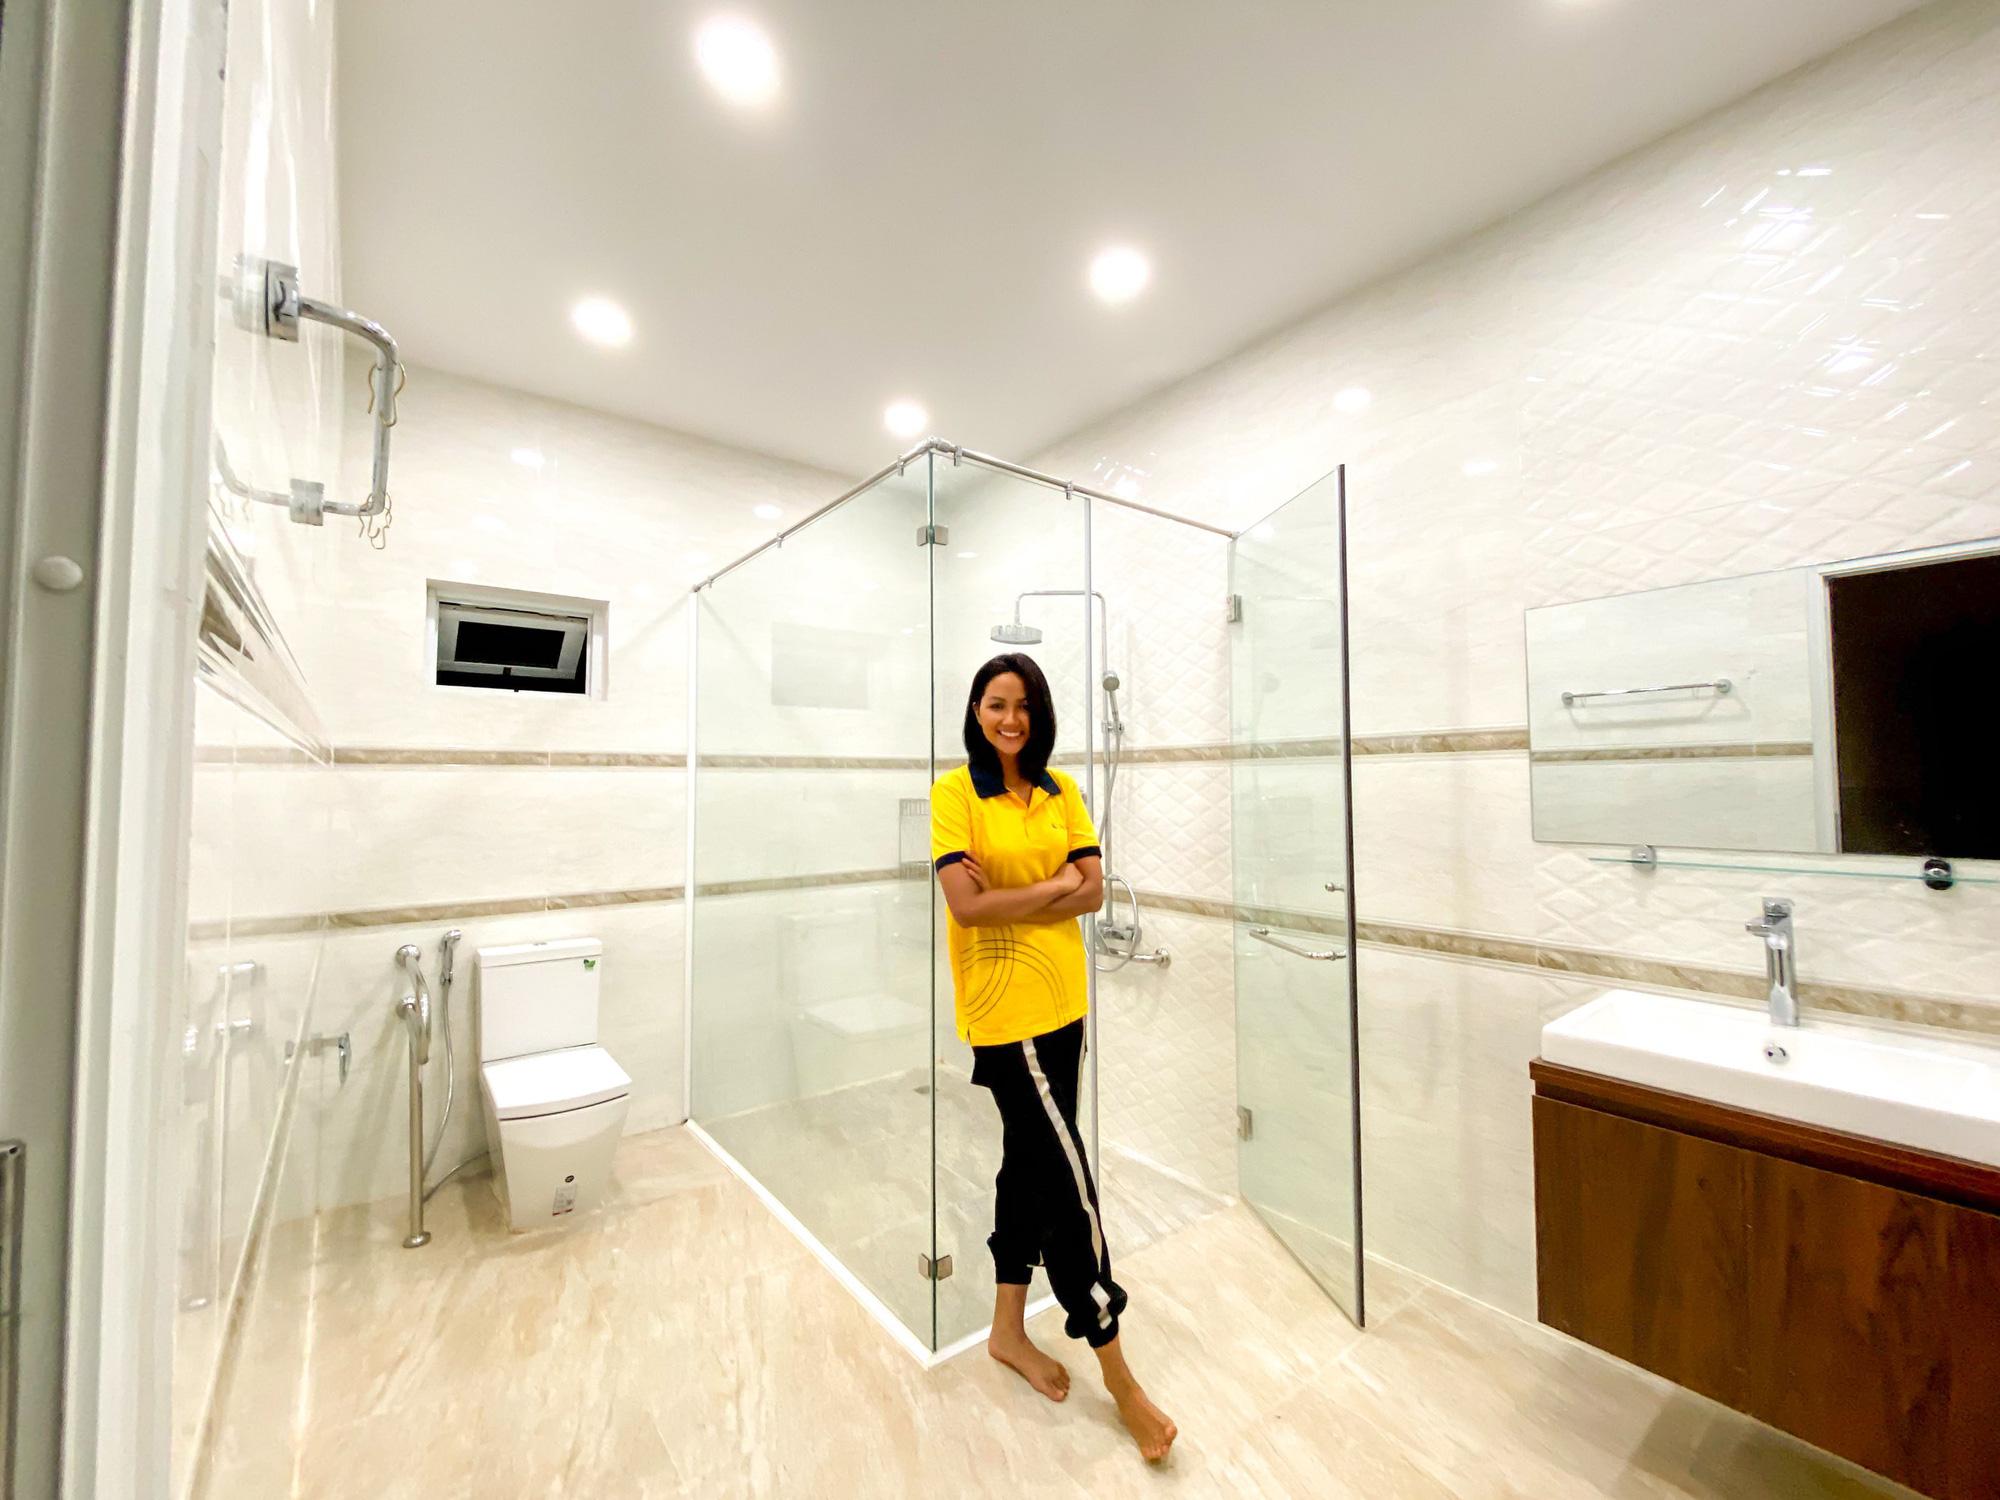 Hoa hậu H'Hen Niê gói trọn tình thương trong ngôi nhà mới xây cho bố mẹ - Ảnh 2.